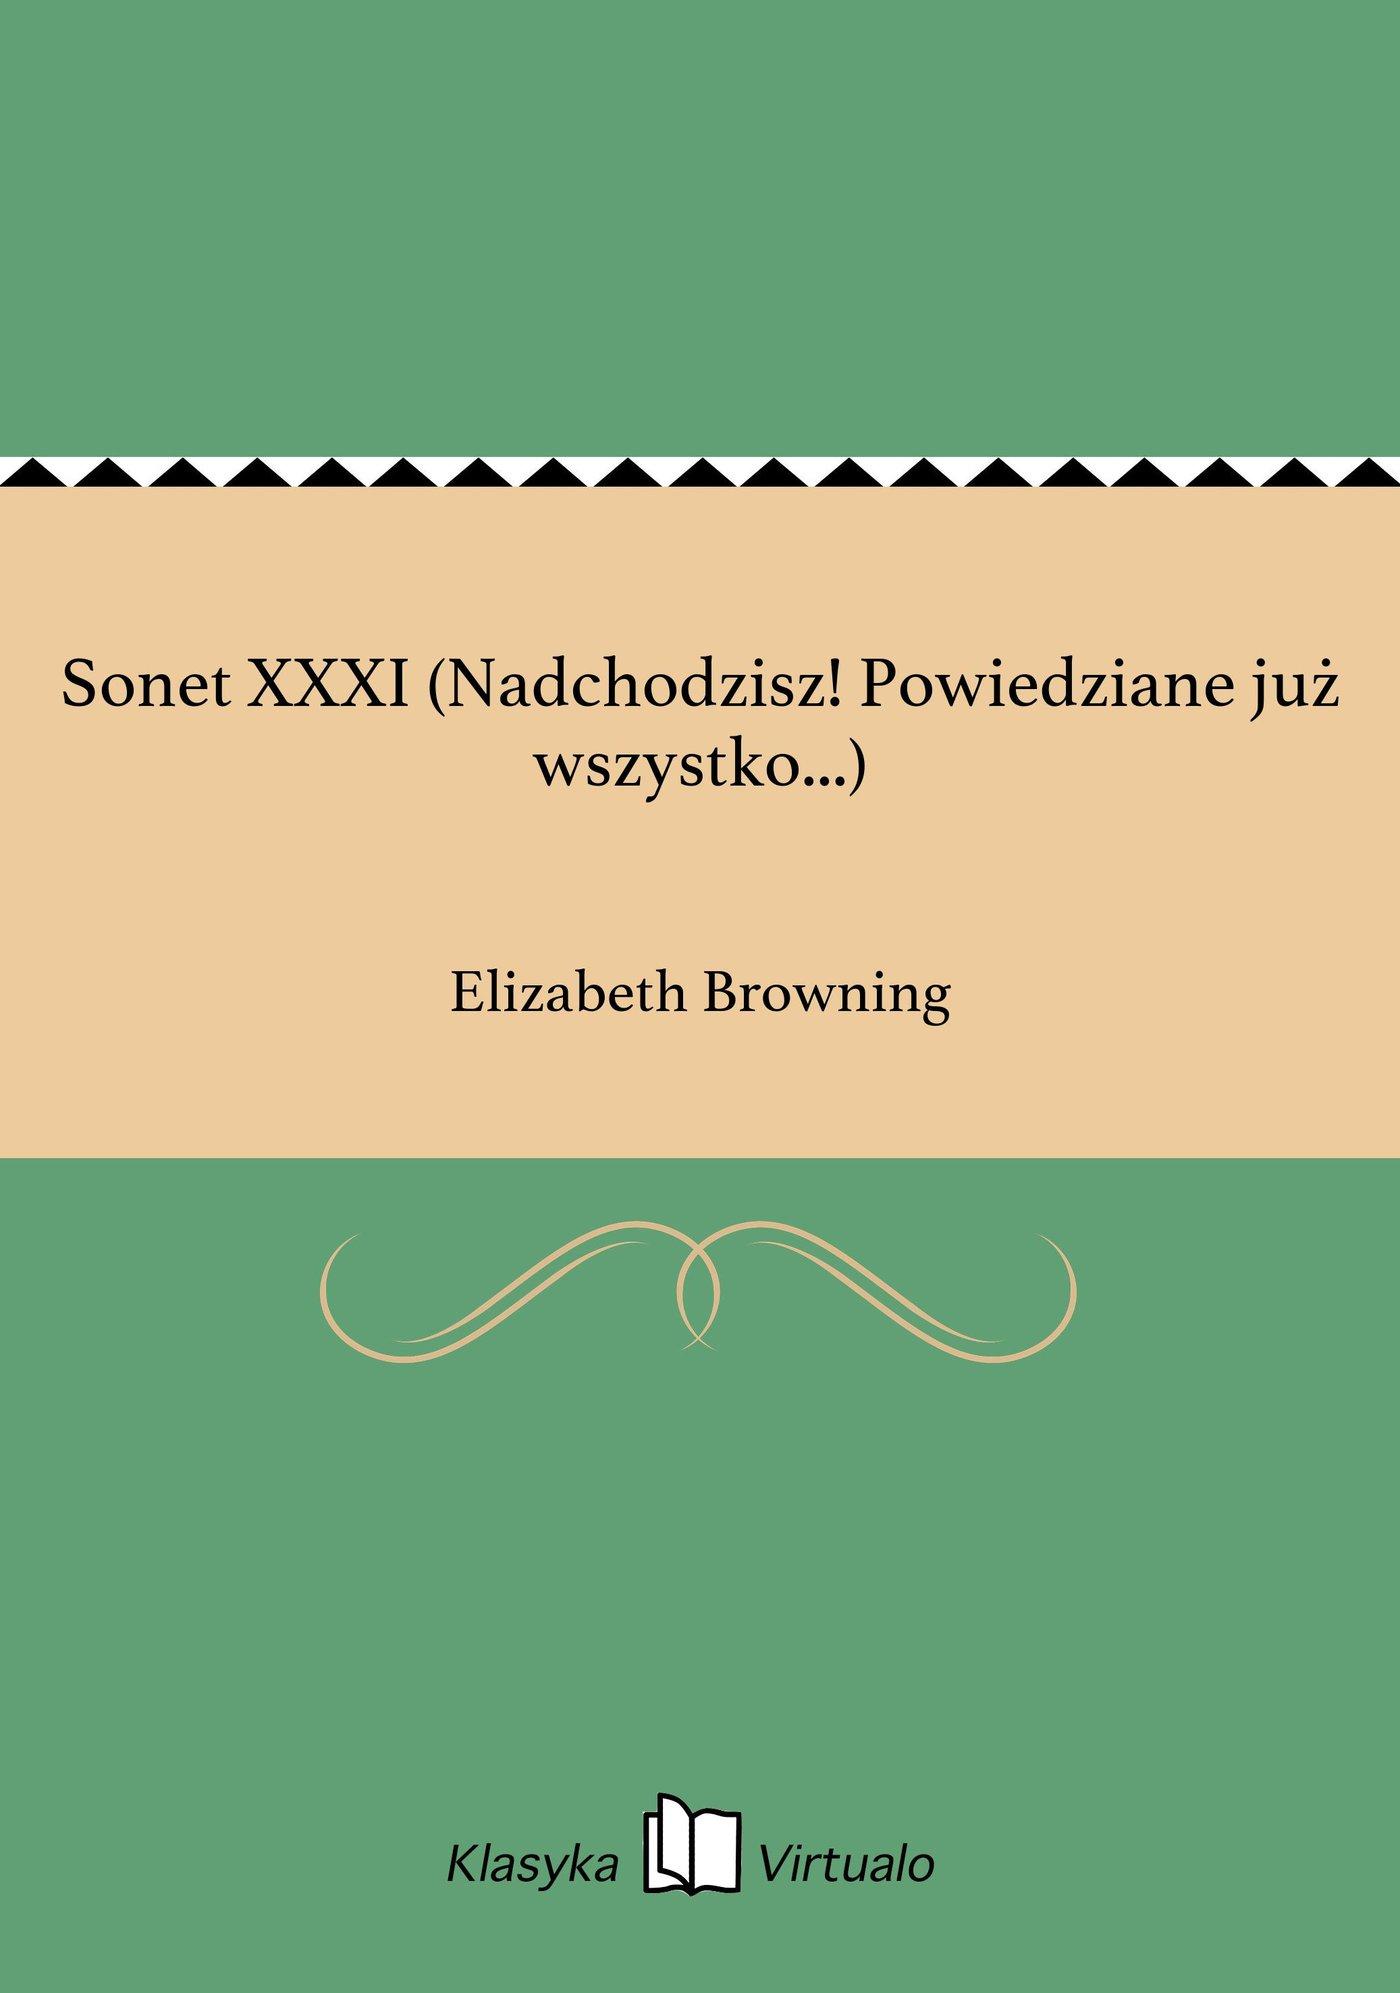 Sonet XXXI (Nadchodzisz! Powiedziane już wszystko...) - Ebook (Książka na Kindle) do pobrania w formacie MOBI